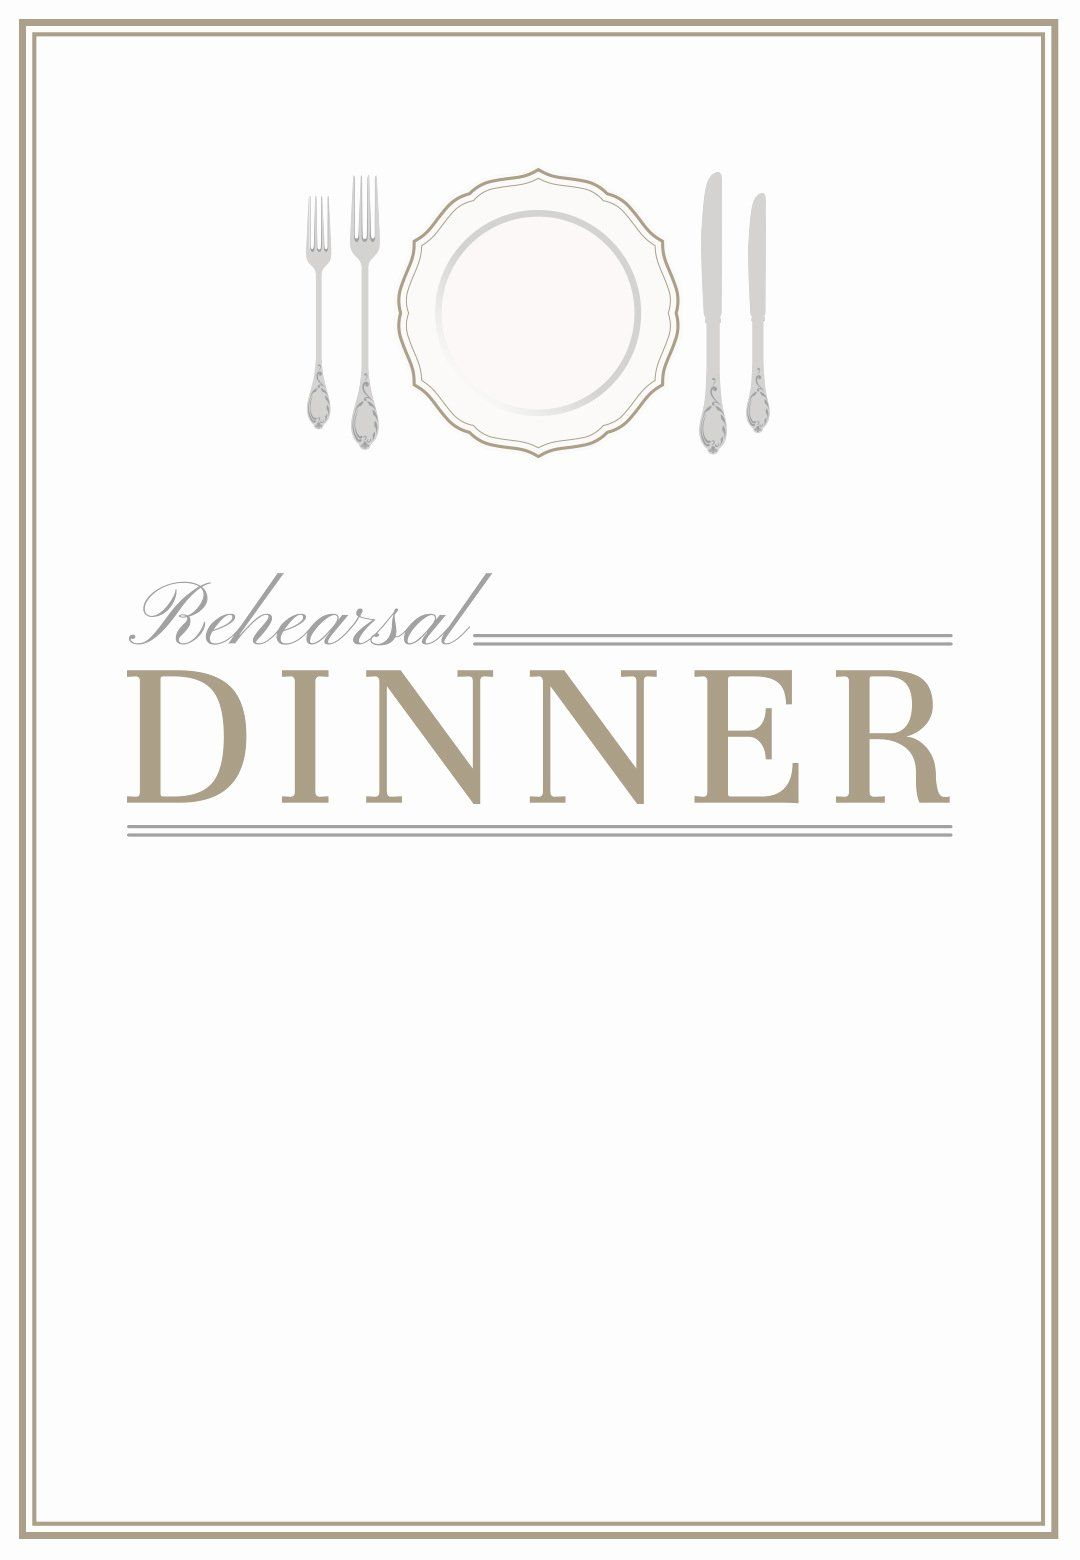 Business Dinner Invitation Template Inspirational Dinner